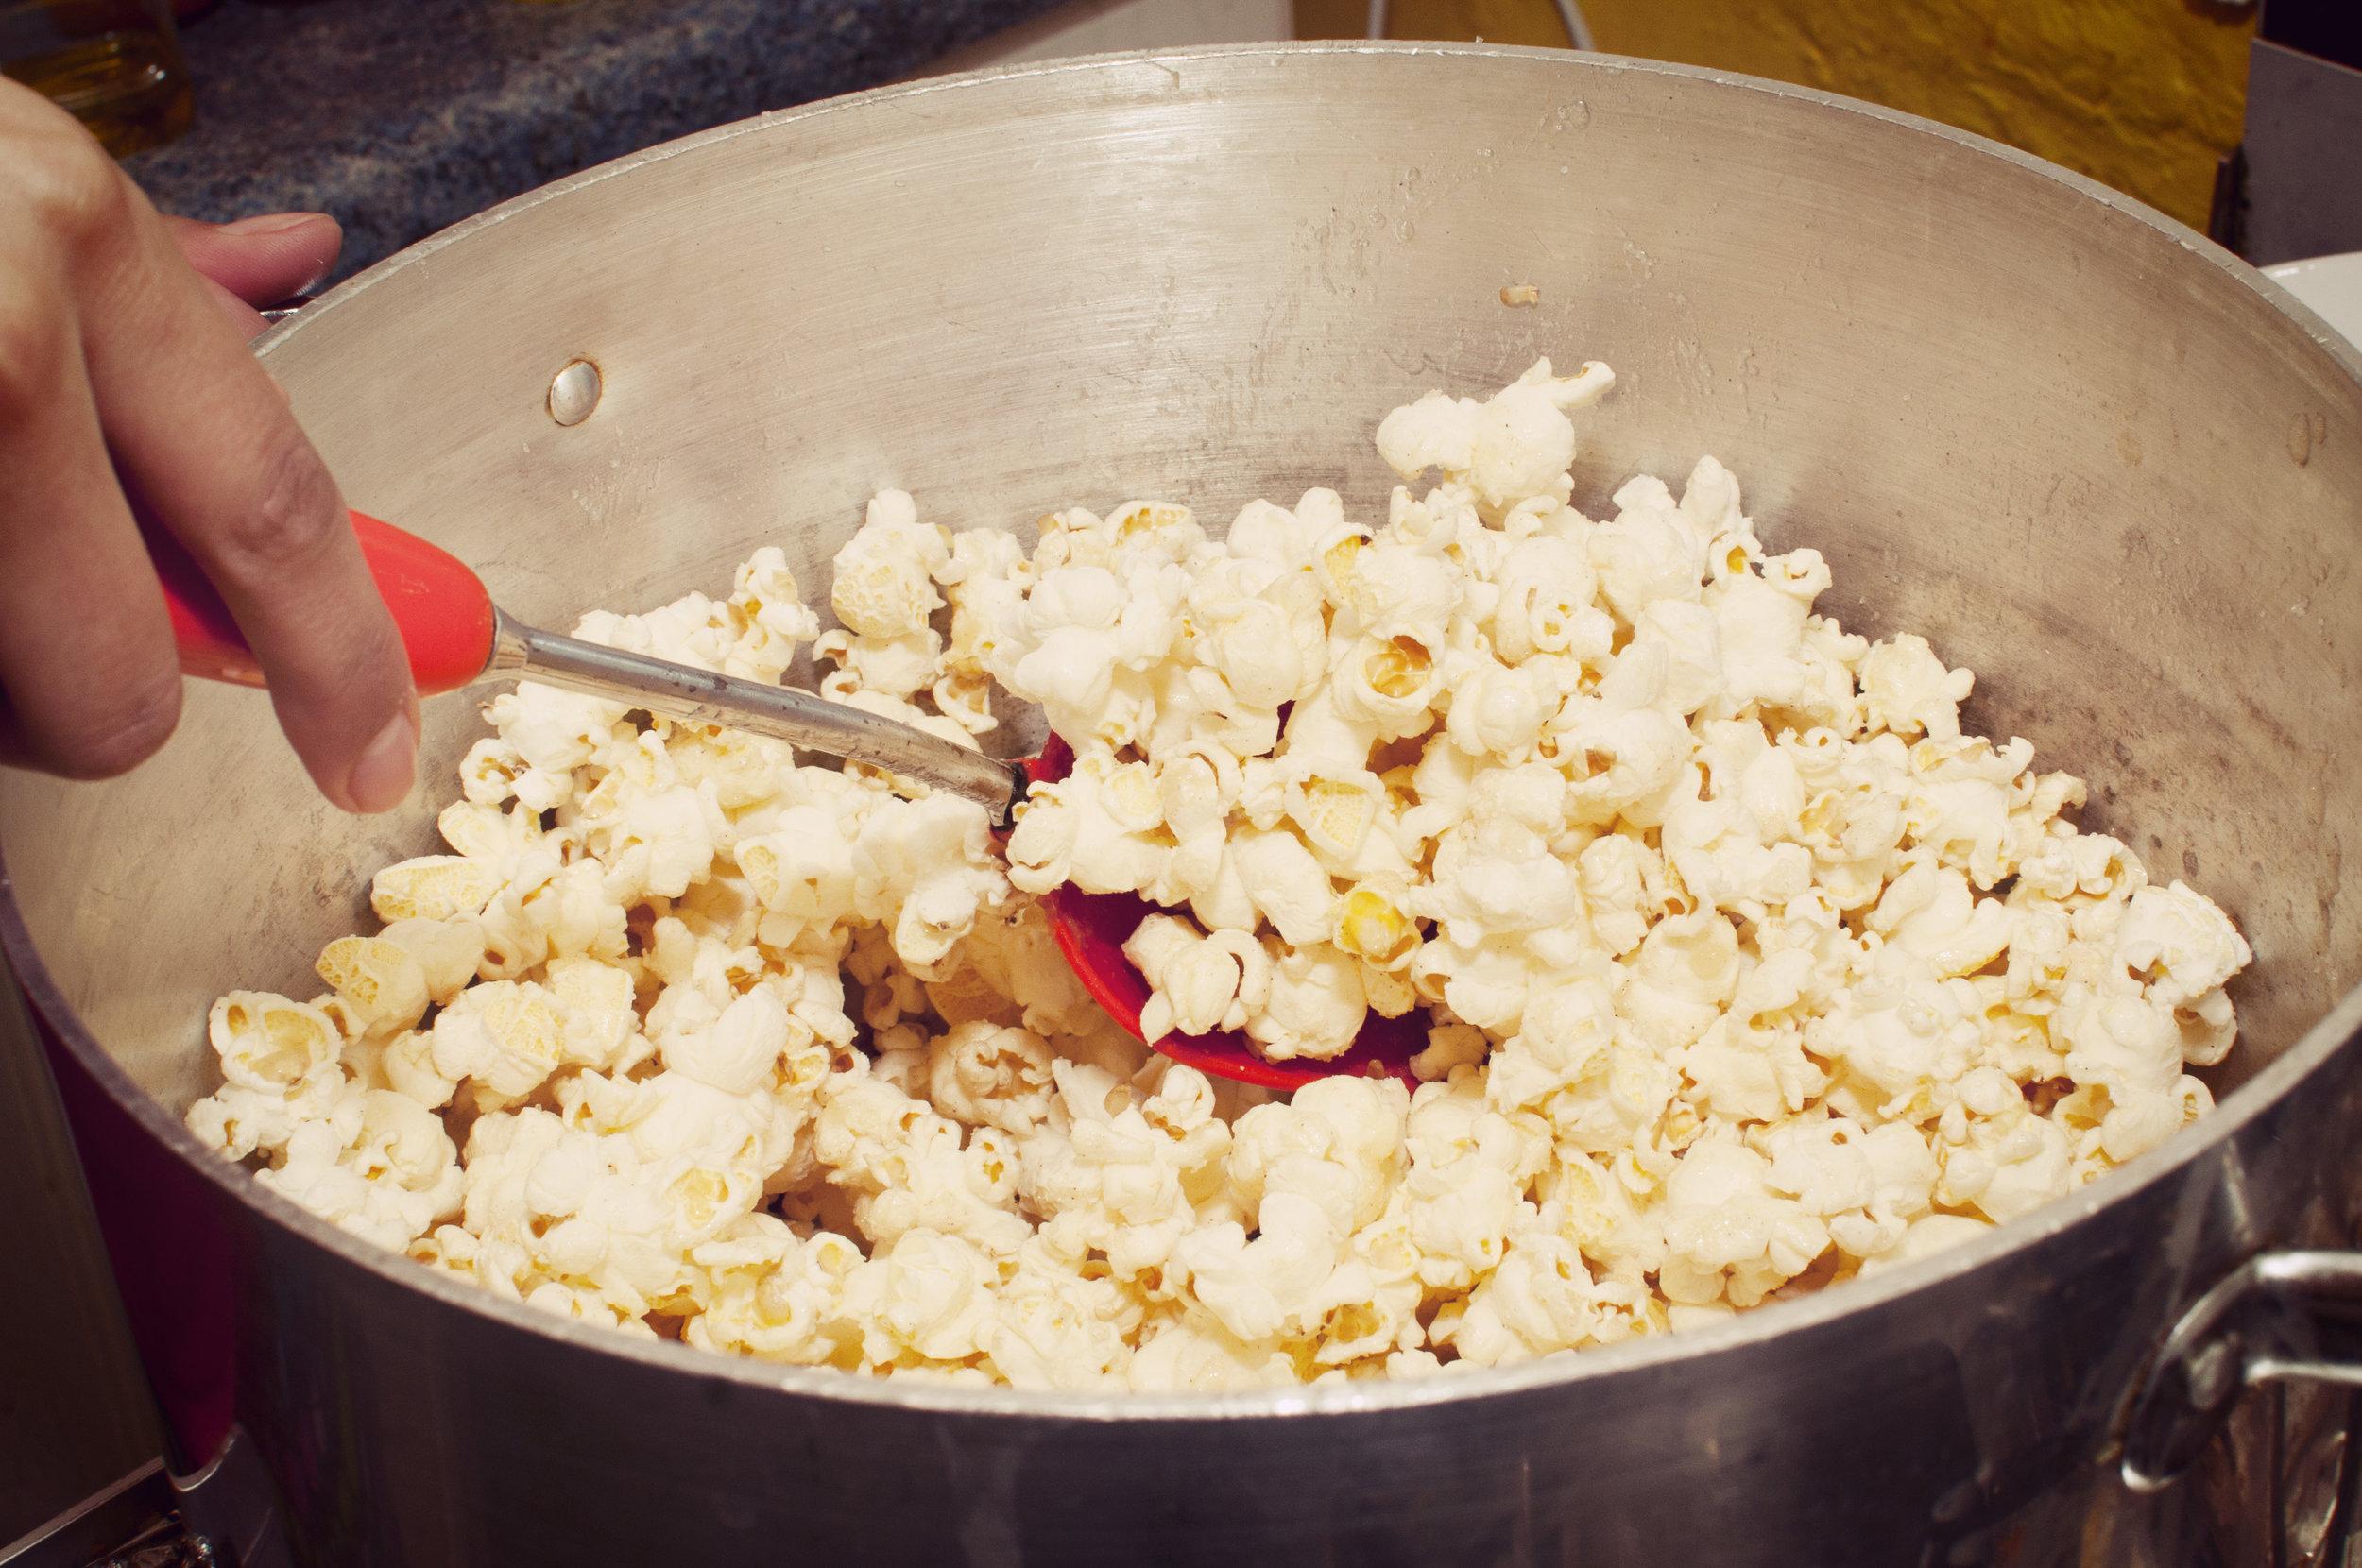 noisyeater_popcorn06